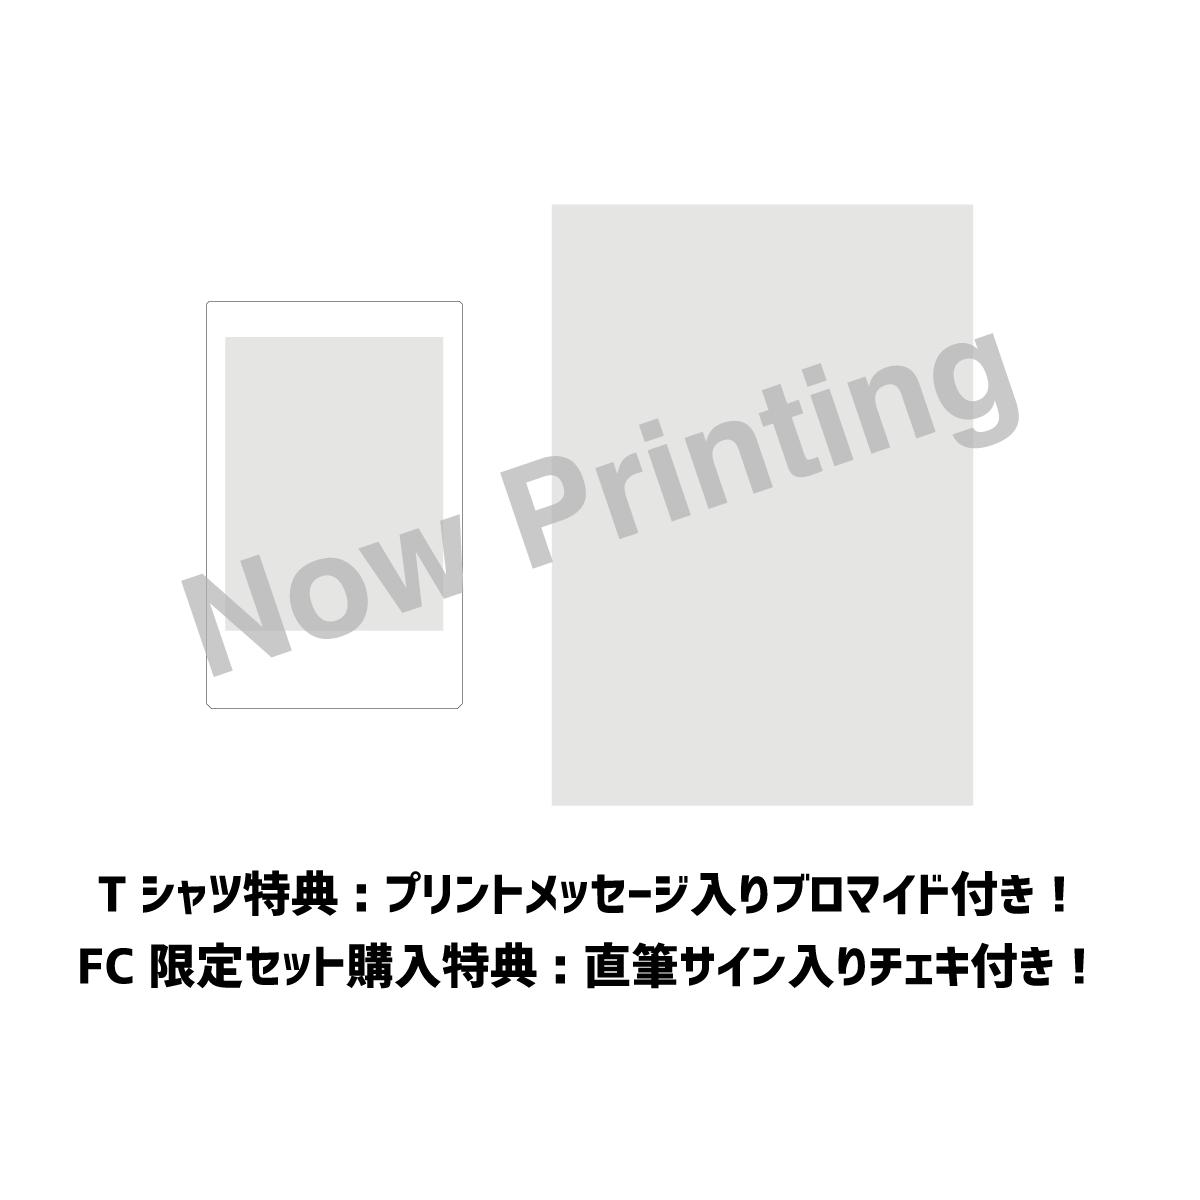 【FC限定直筆チェキ付】佐藤信長26thバースデーおまとめセット(Tシャツ/ナチュラル)